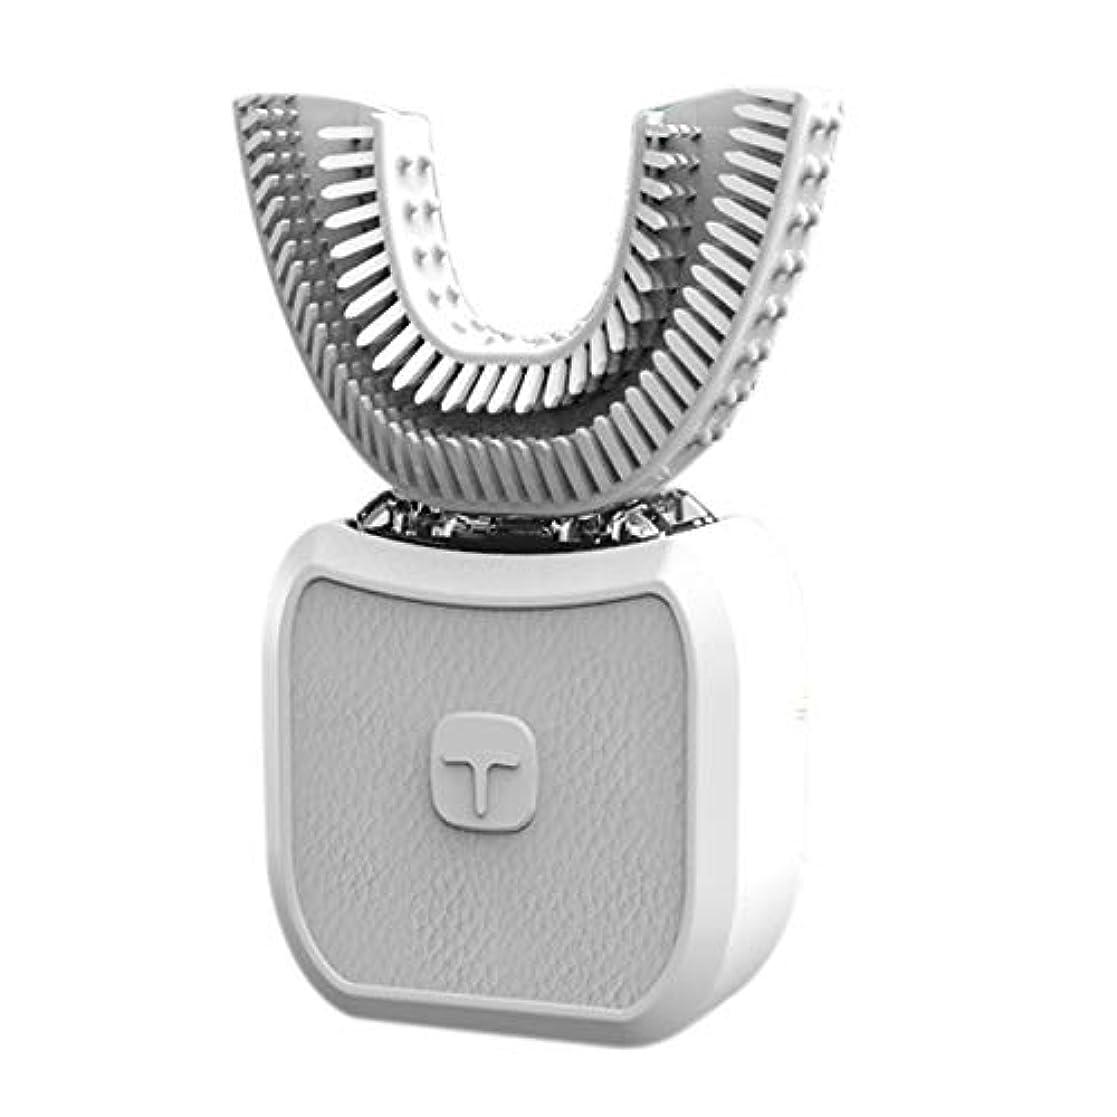 好み瞬時に占めるフルオートマチック可変周波数電動歯ブラシ、自動360度U字型電動歯ブラシ、ワイヤレス充電IPX7防水自動歯ブラシ(大人用),White